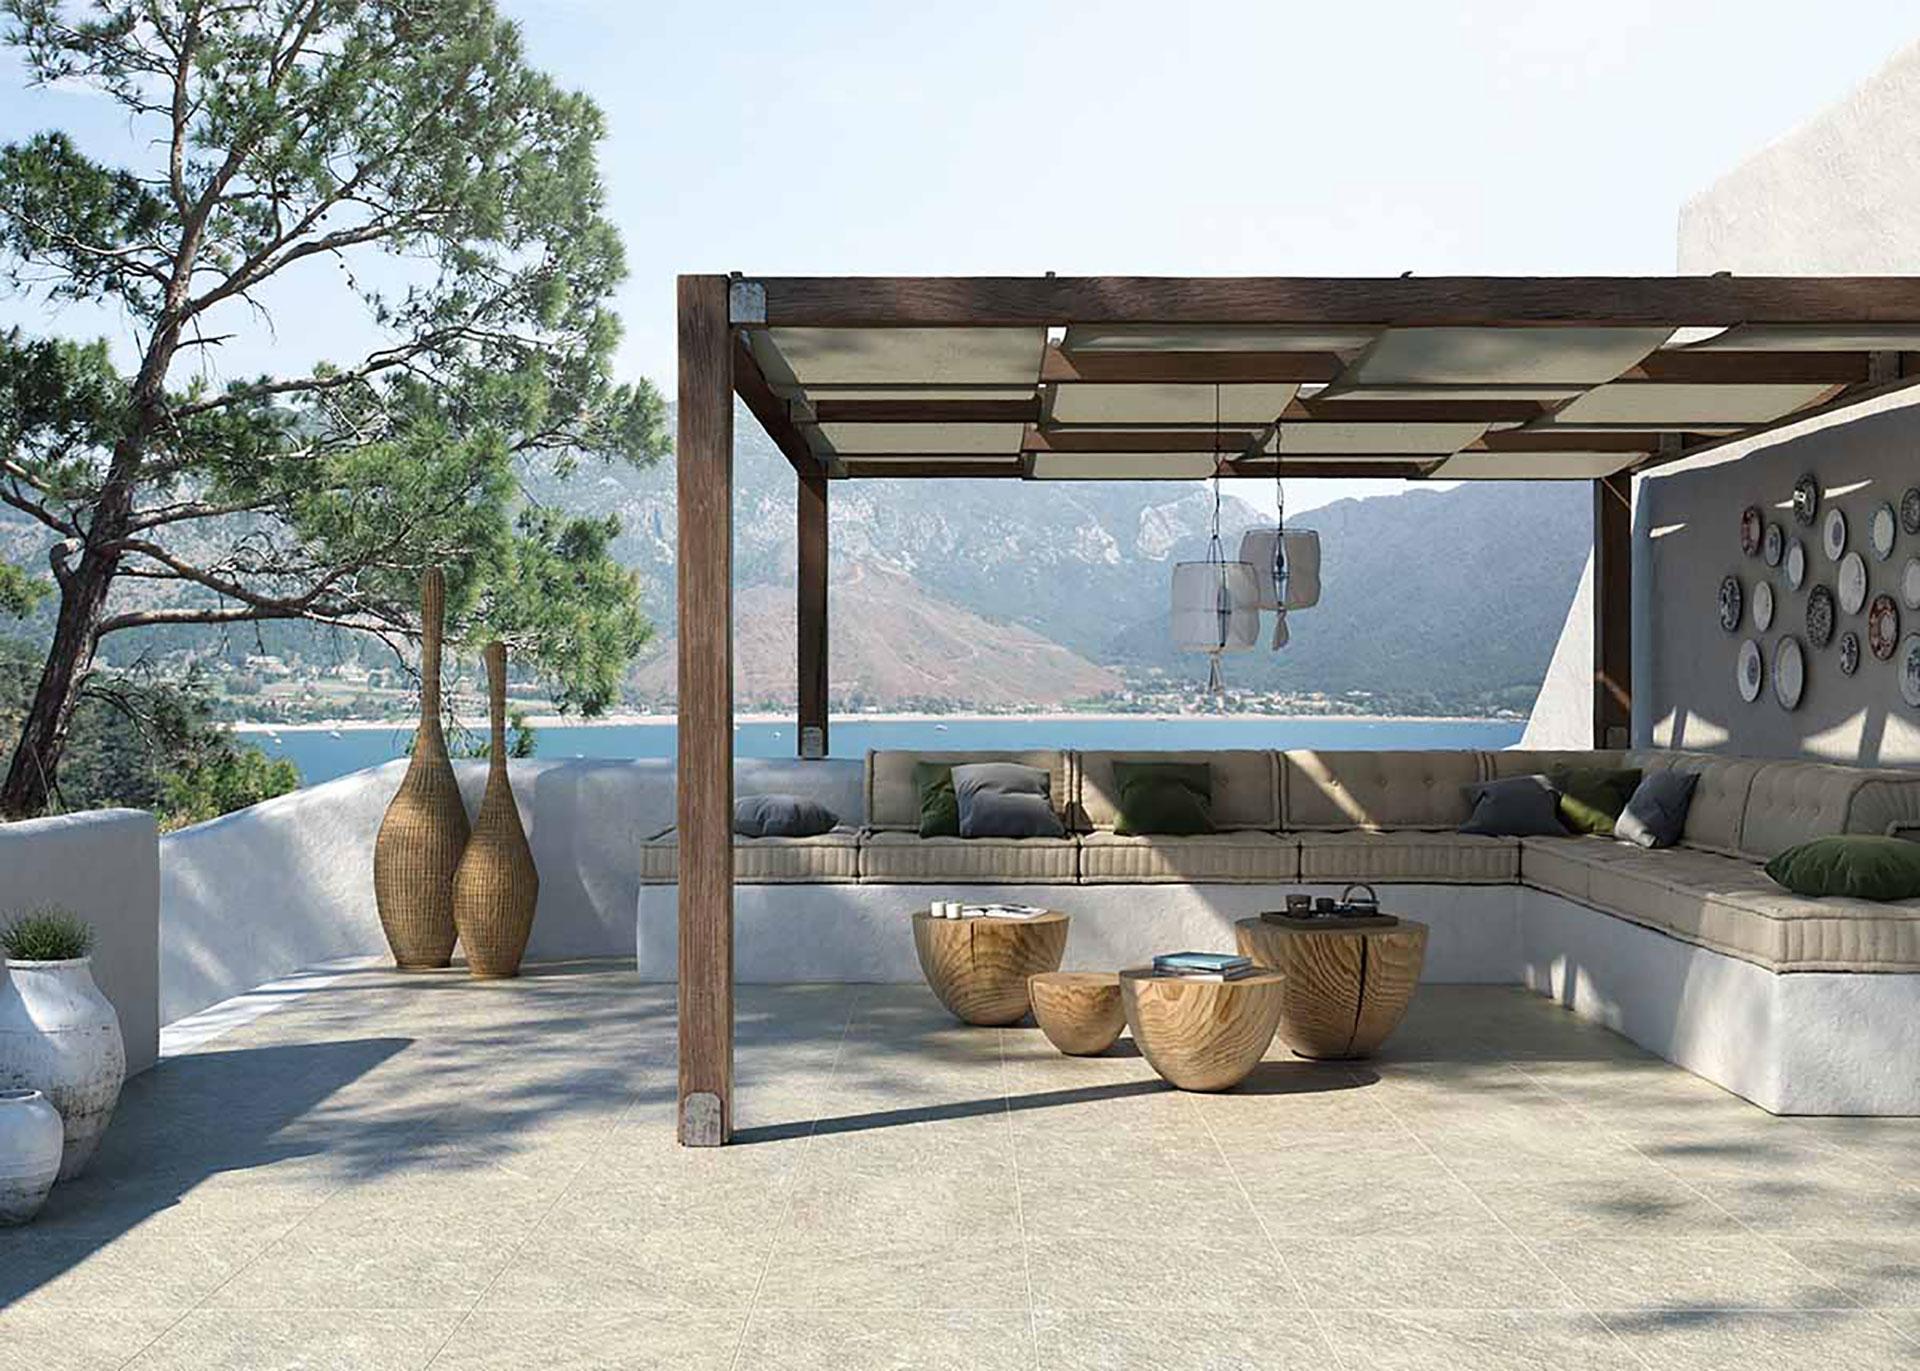 Quartz Stone Contemporary Design For Indoor And Outdoor